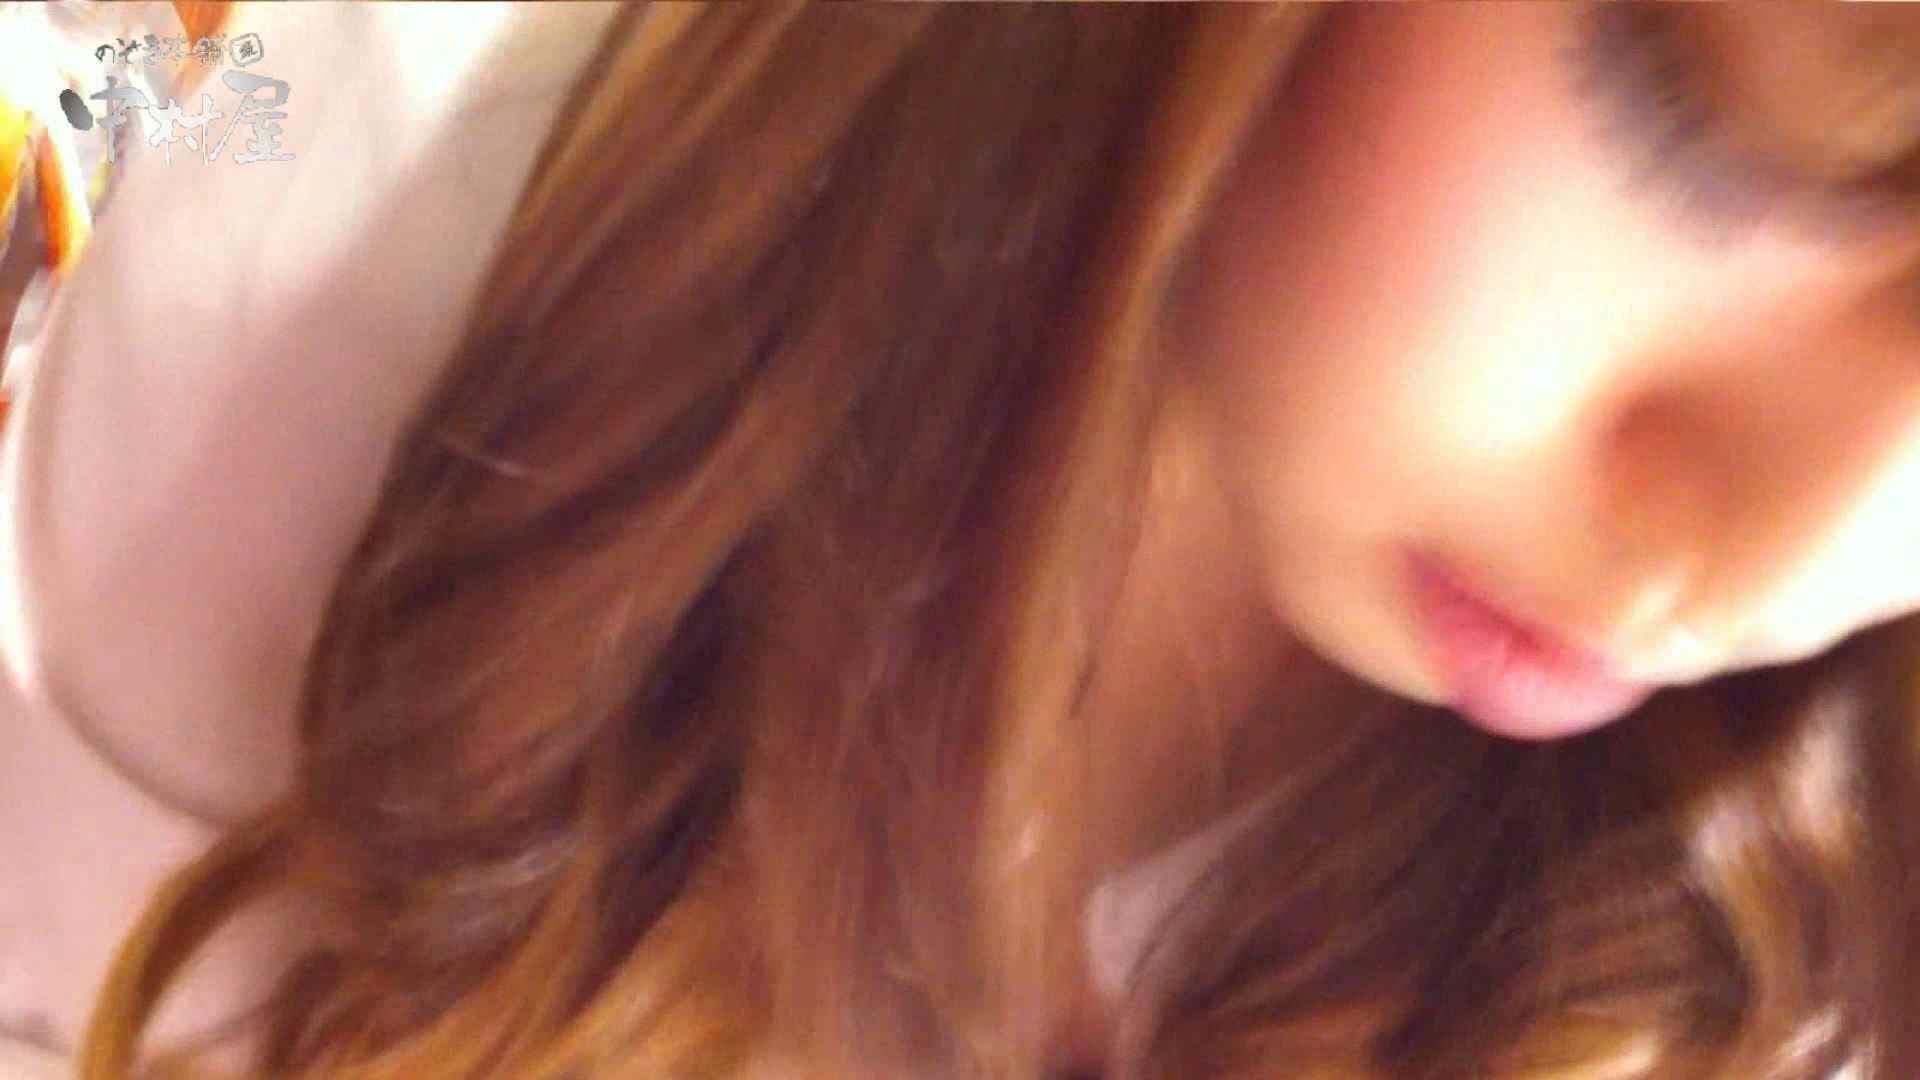 vol.85 美人アパレル胸チラ&パンチラ そそる唇の店員さん 美人 AV無料動画キャプチャ 96pic 14